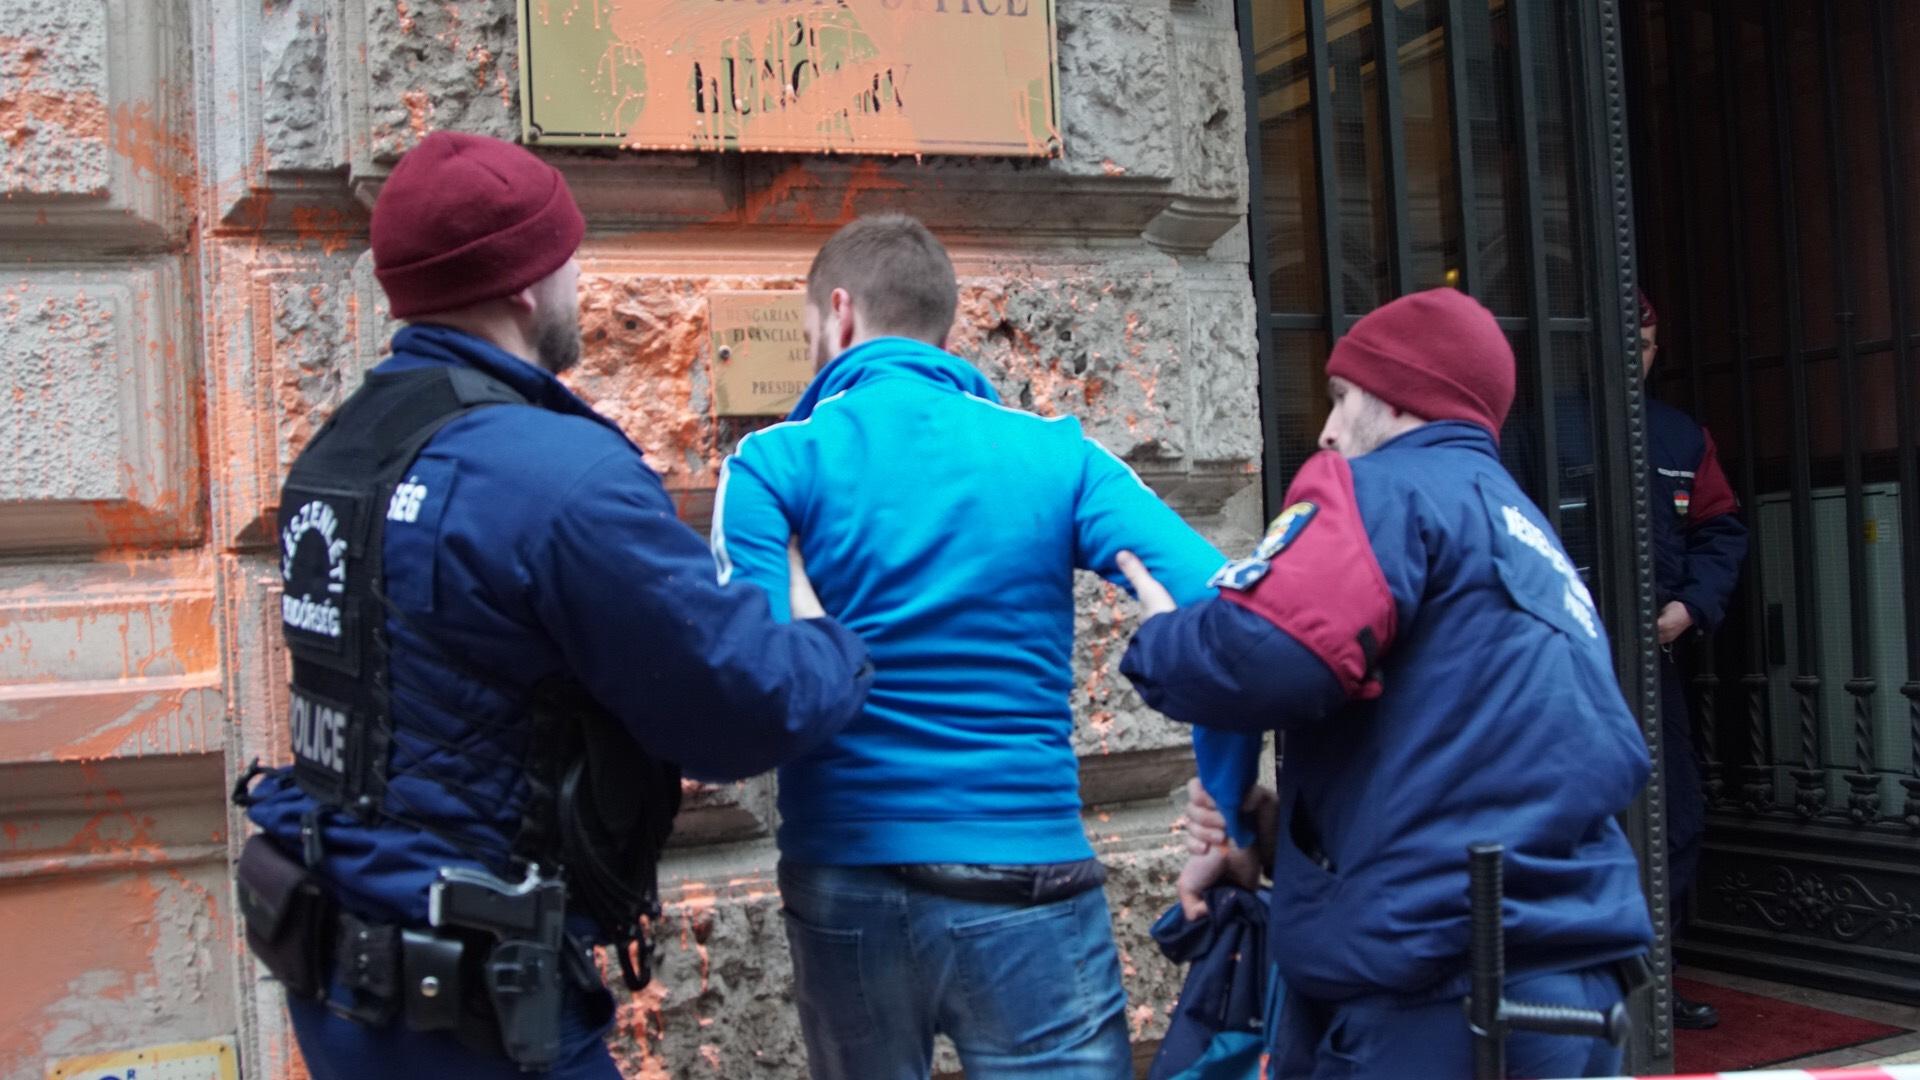 Gulyás Mártonék narancssárgára festették az Állami Számvevőszék központját